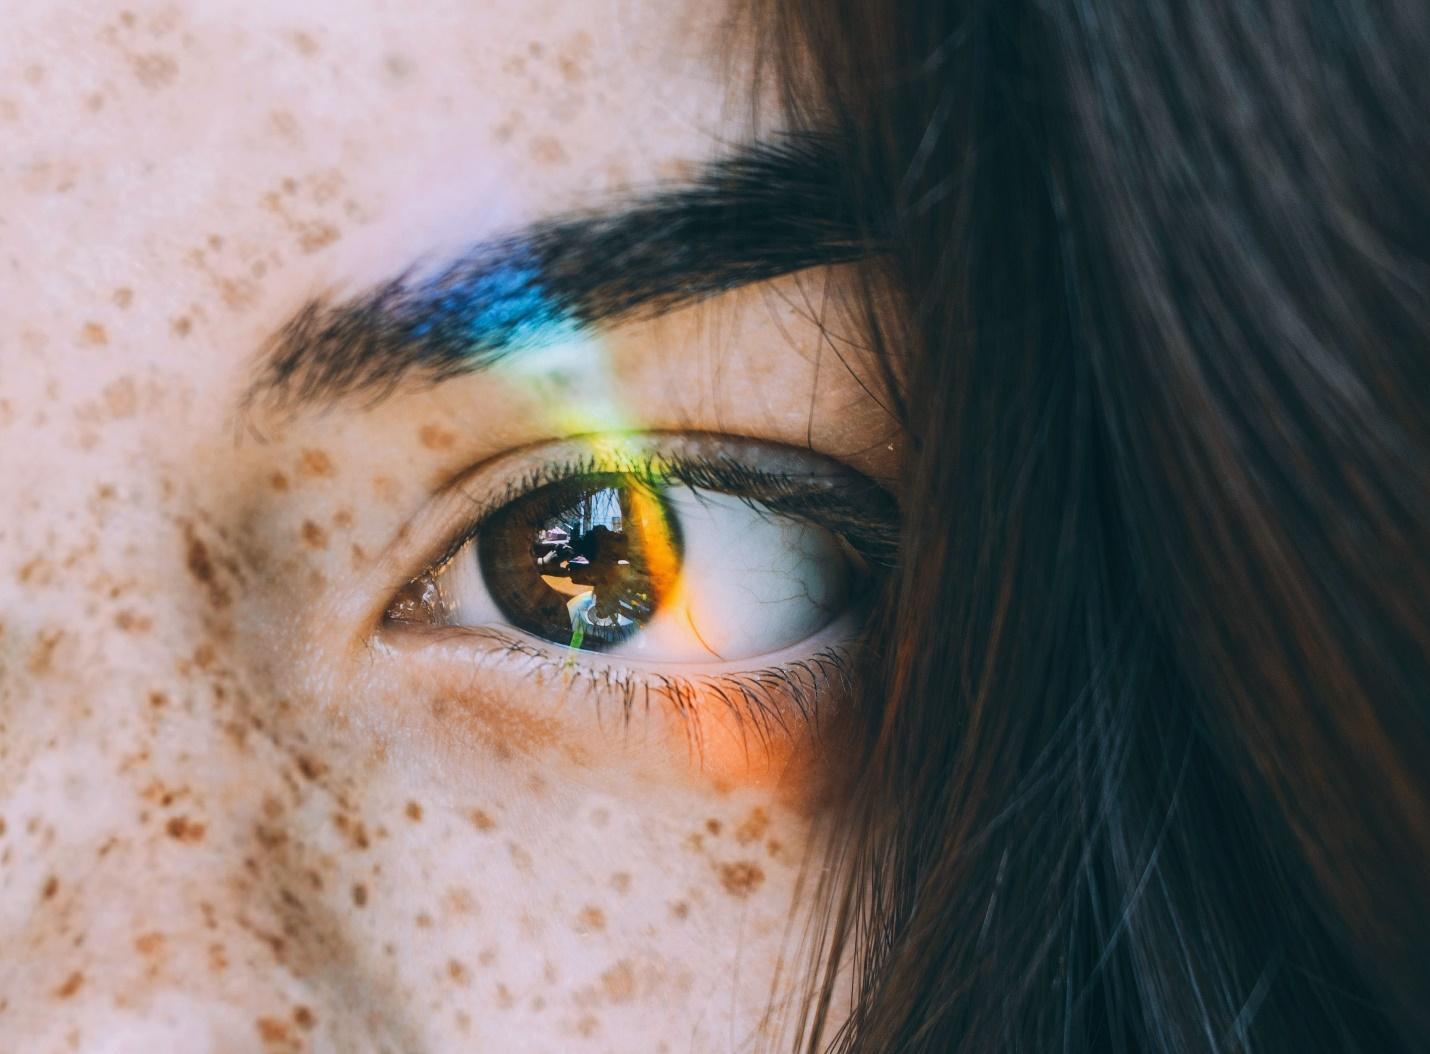 Nam giới khi mắt trái giật có điềm gì?